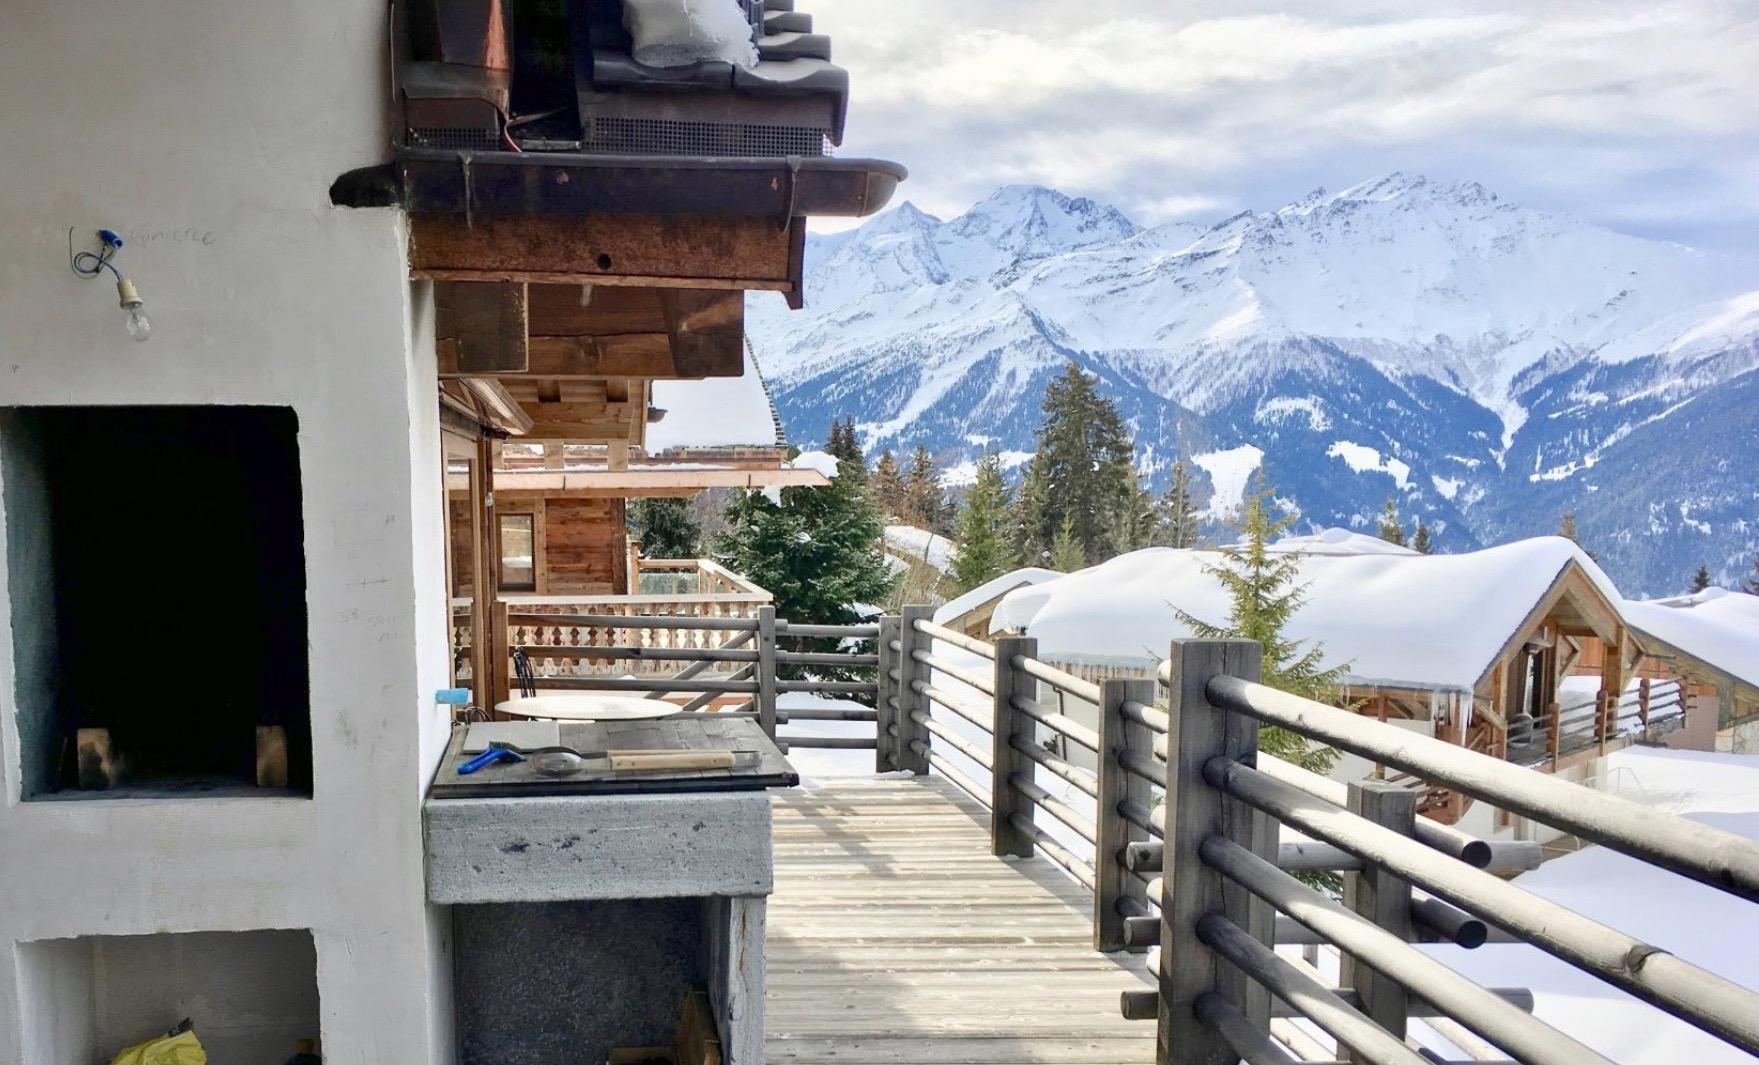 balcony chalet verbier in switzerland look